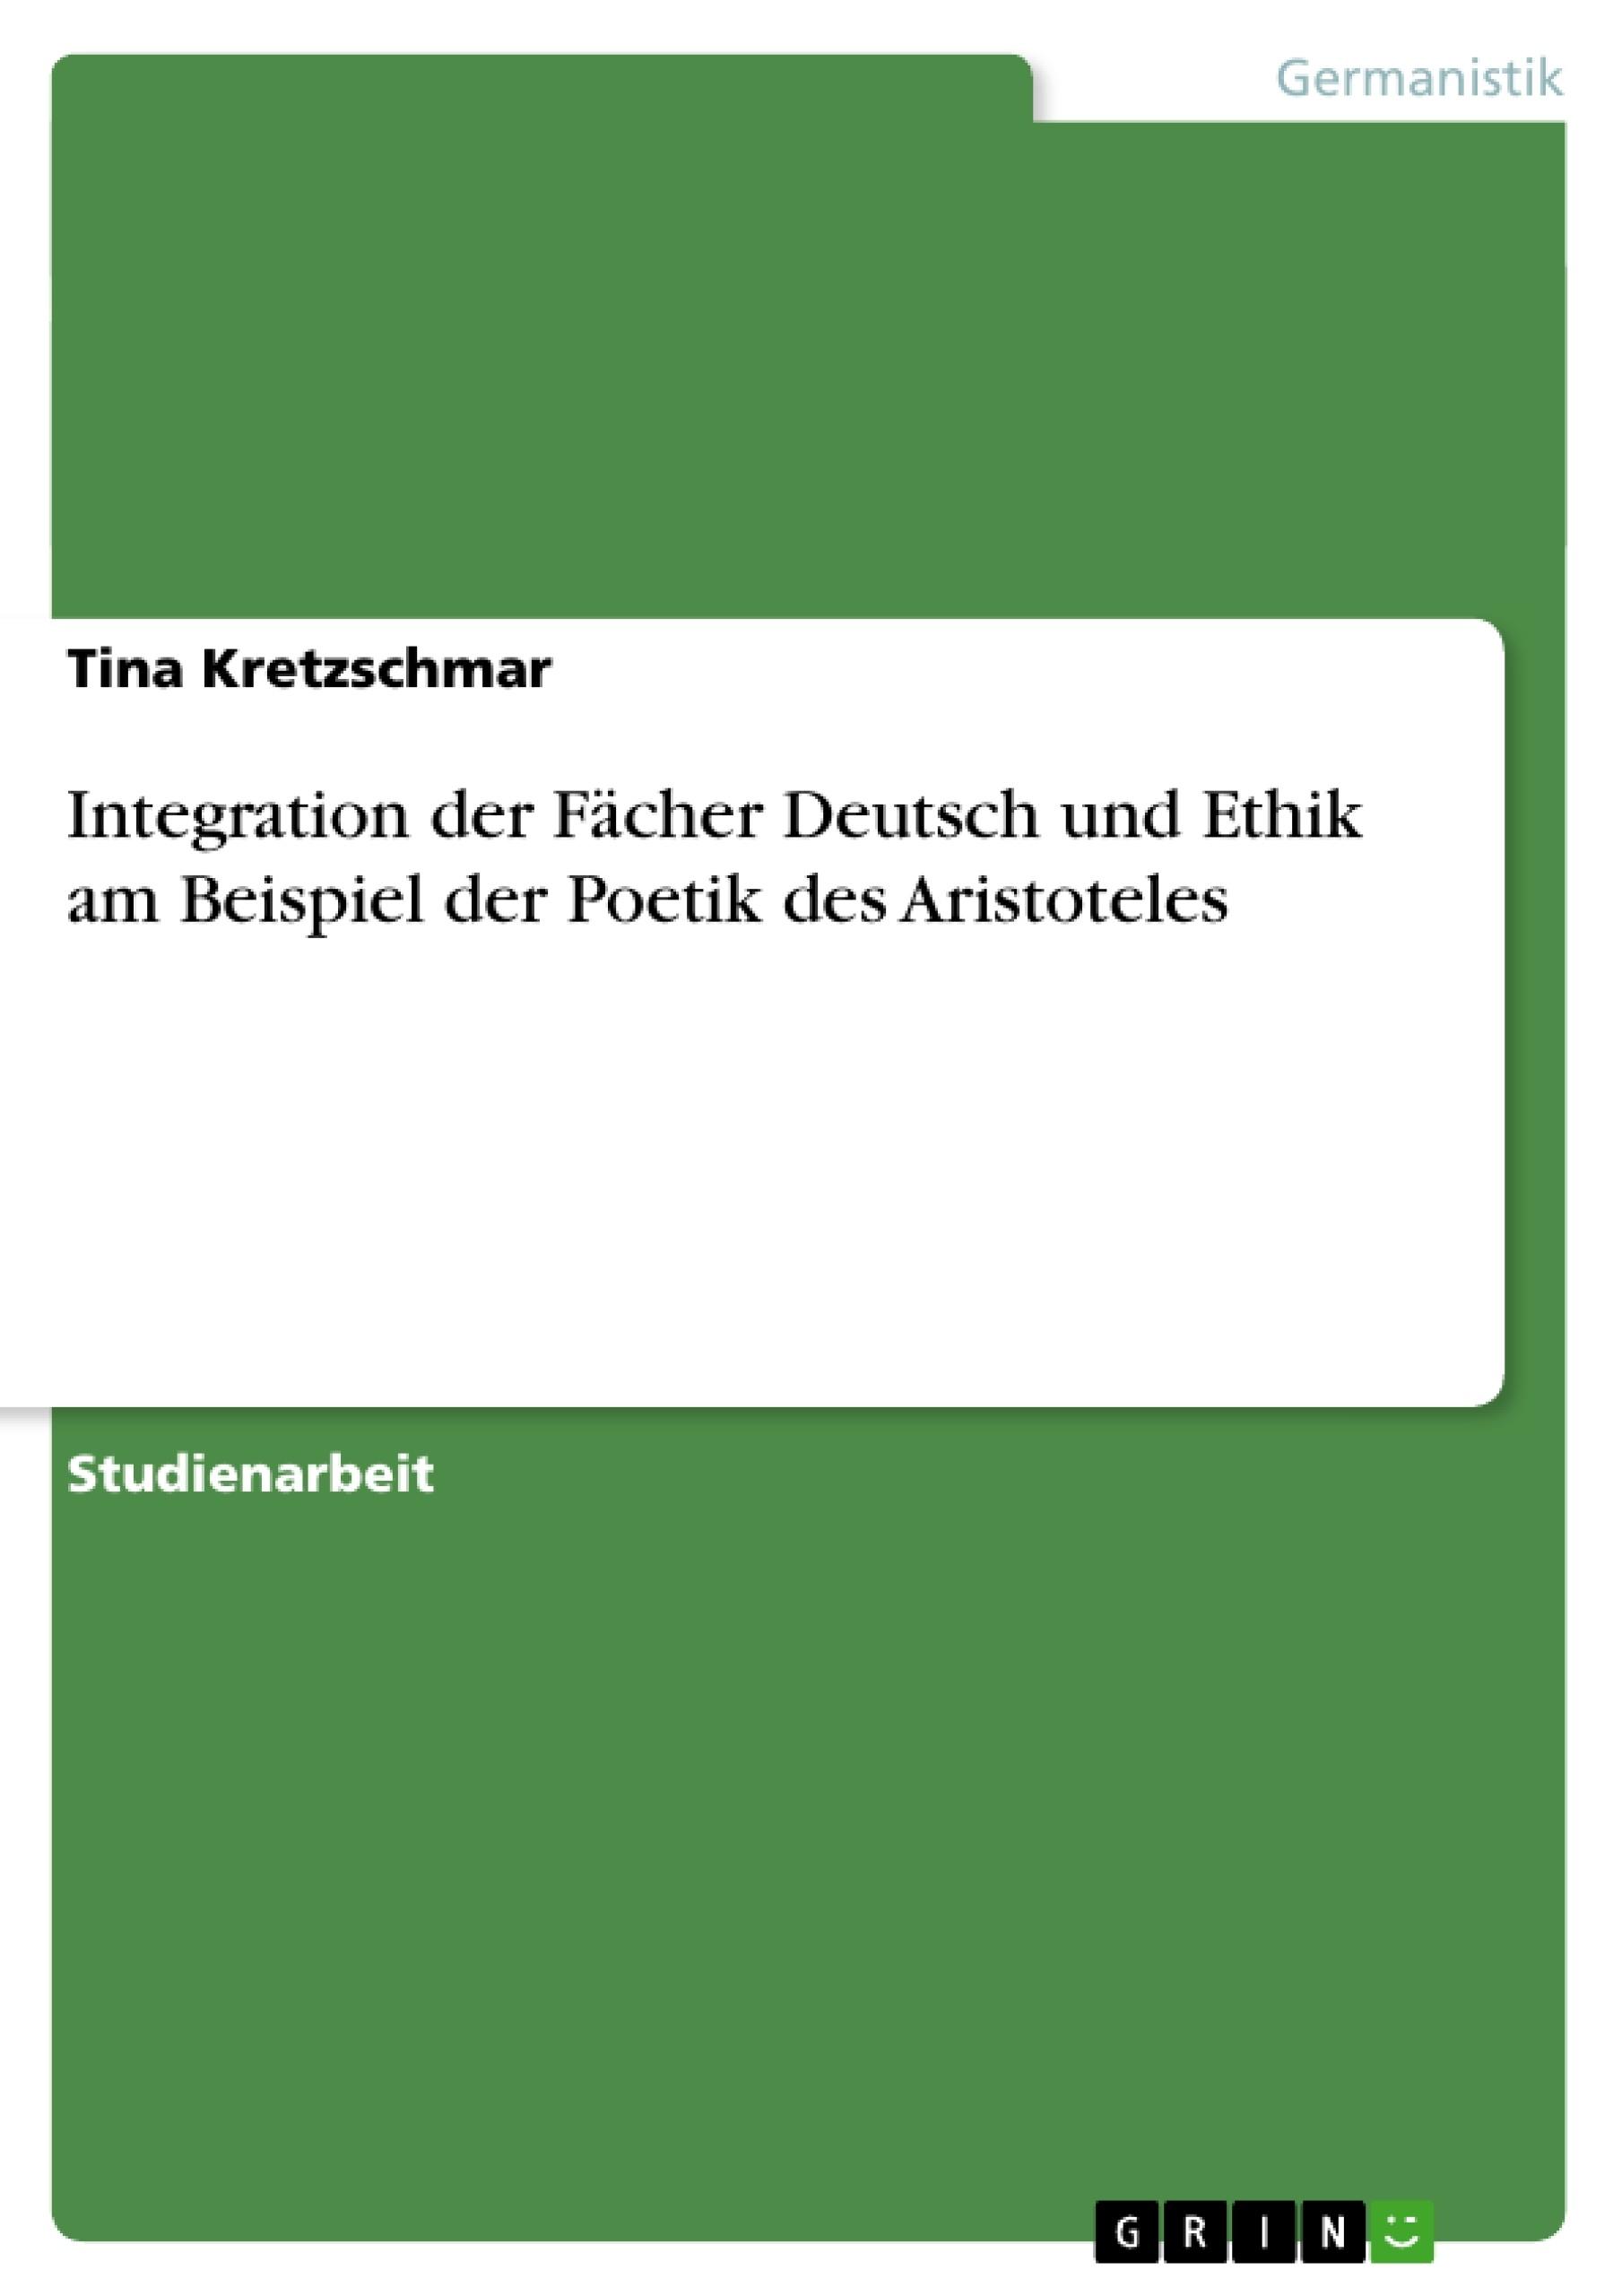 Titel: Integration der Fächer Deutsch und Ethik am Beispiel der Poetik des Aristoteles